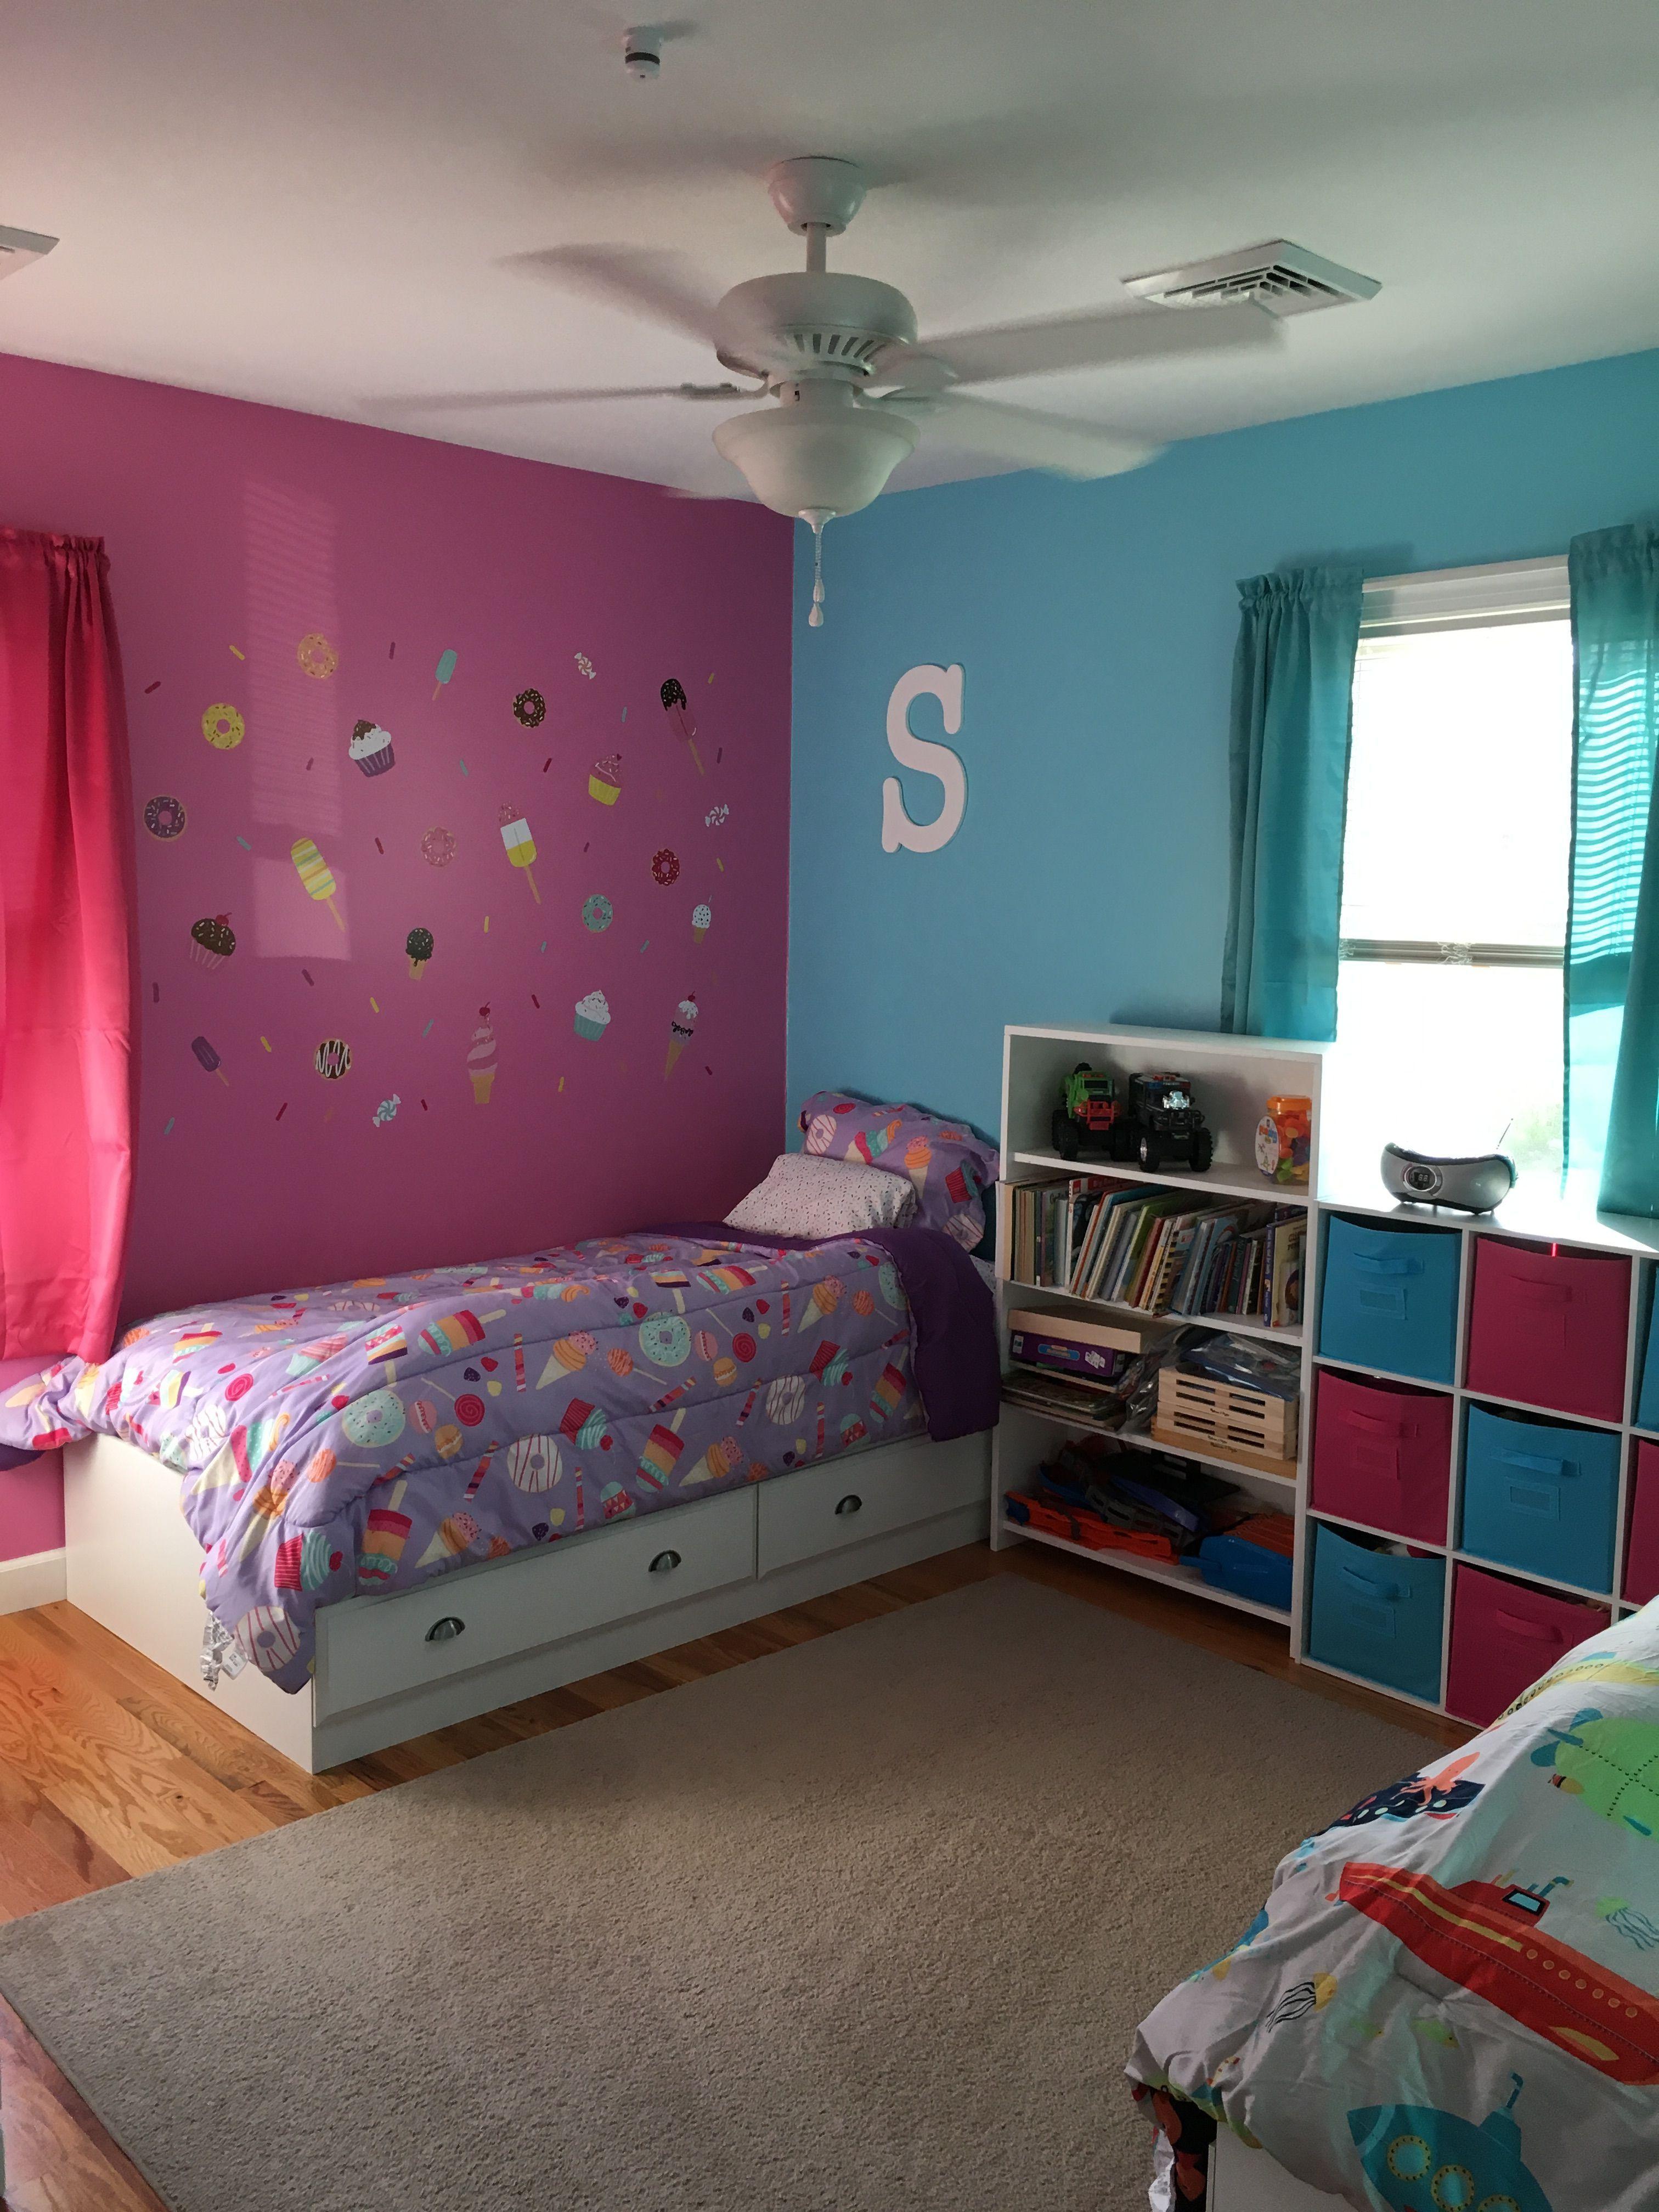 Pin De Jennilee Perry En Kid S Room Decorar Habitacion Ninos Decorar Habitacion Infantil Decoracion De Paredes Dormitorio